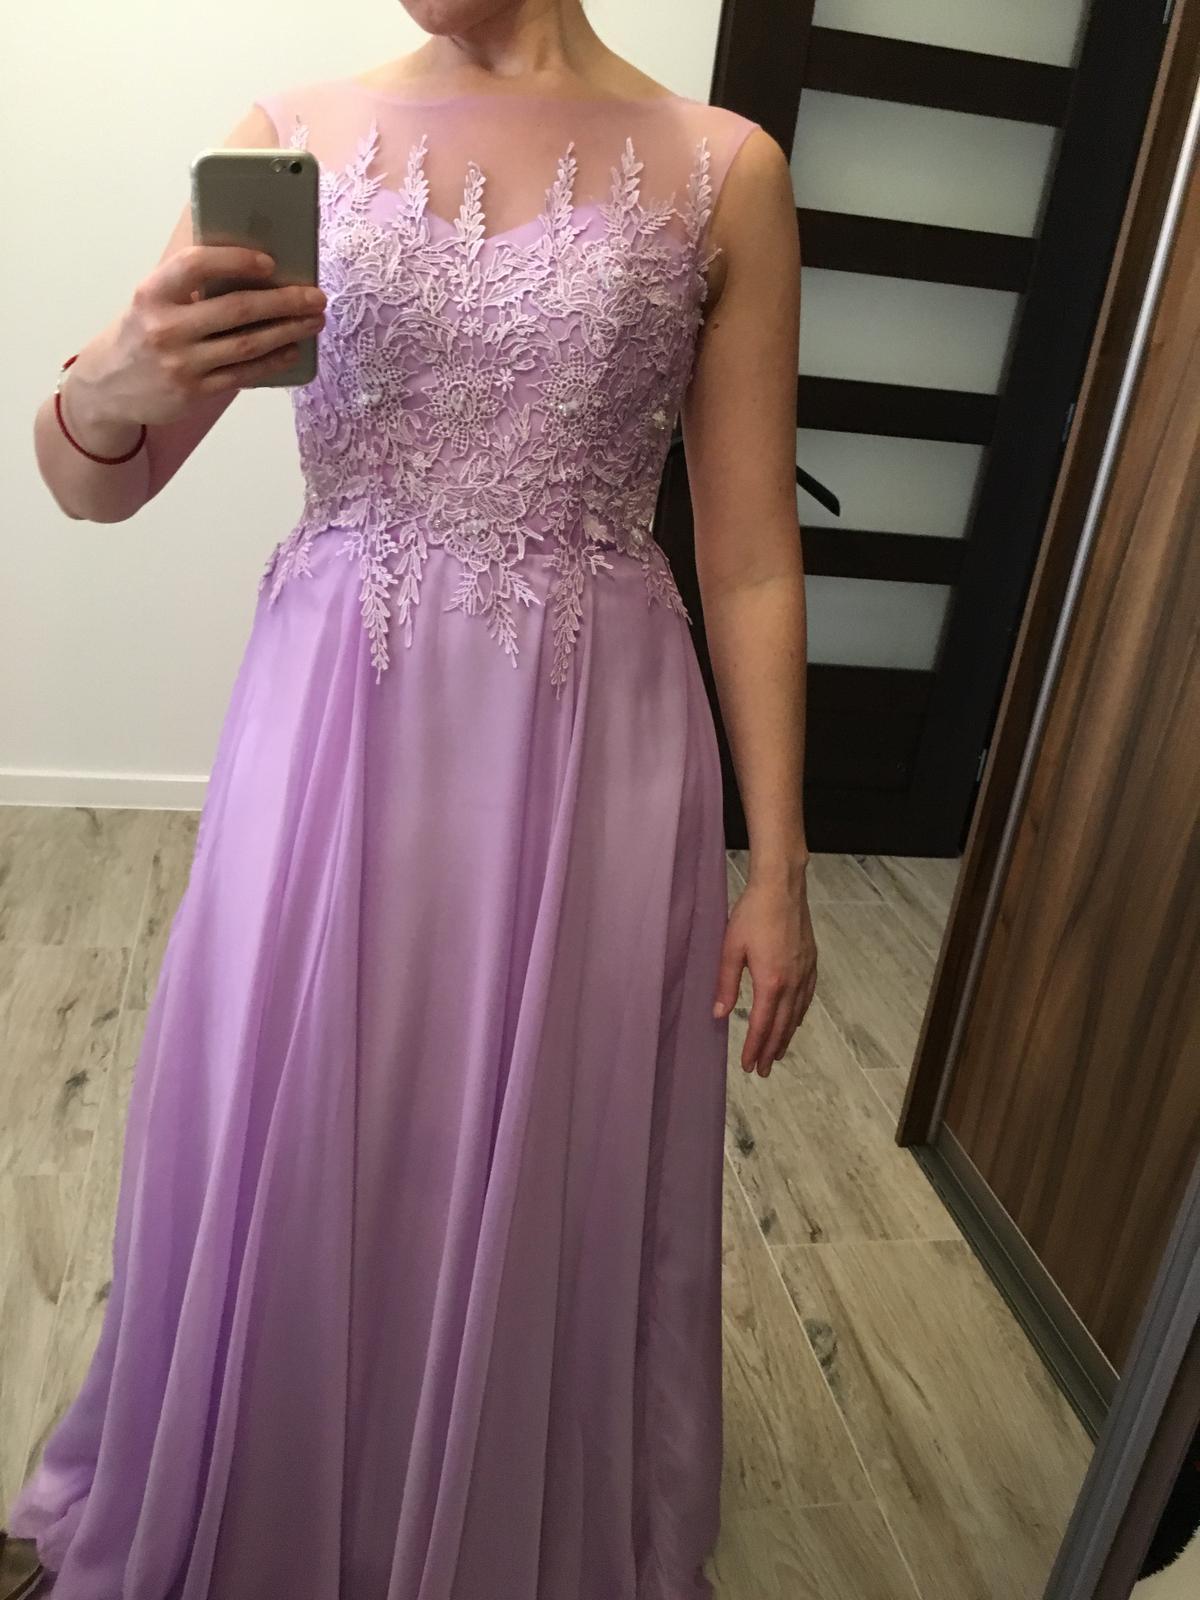 c1419e181 Spoločenské šaty na predaj, 36 - 90 €   Svadobný bazár   Mojasvadba.sk